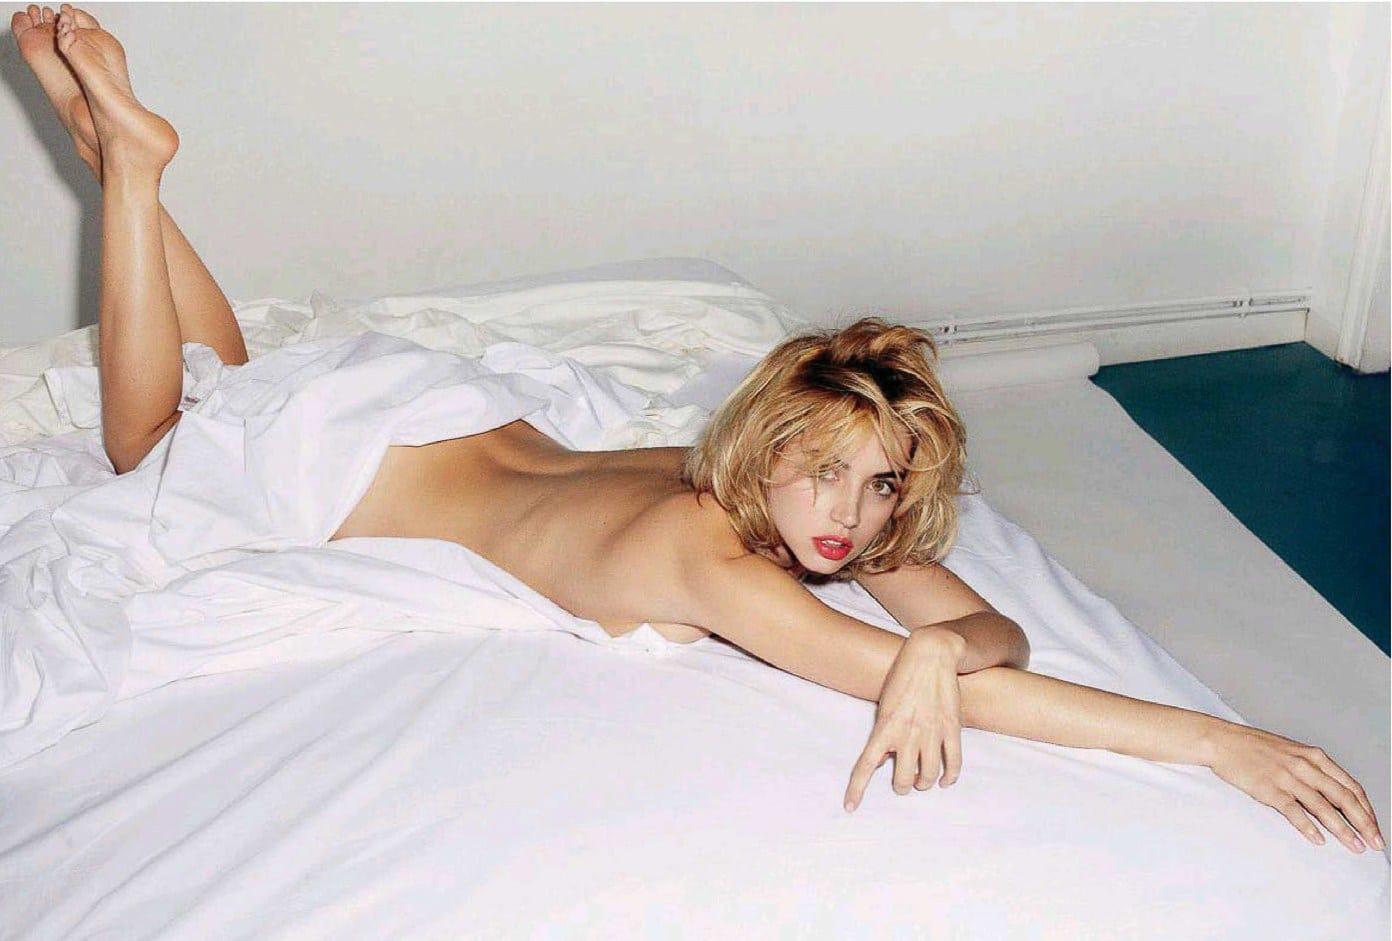 Ana de Armas hot pics undressed (3)